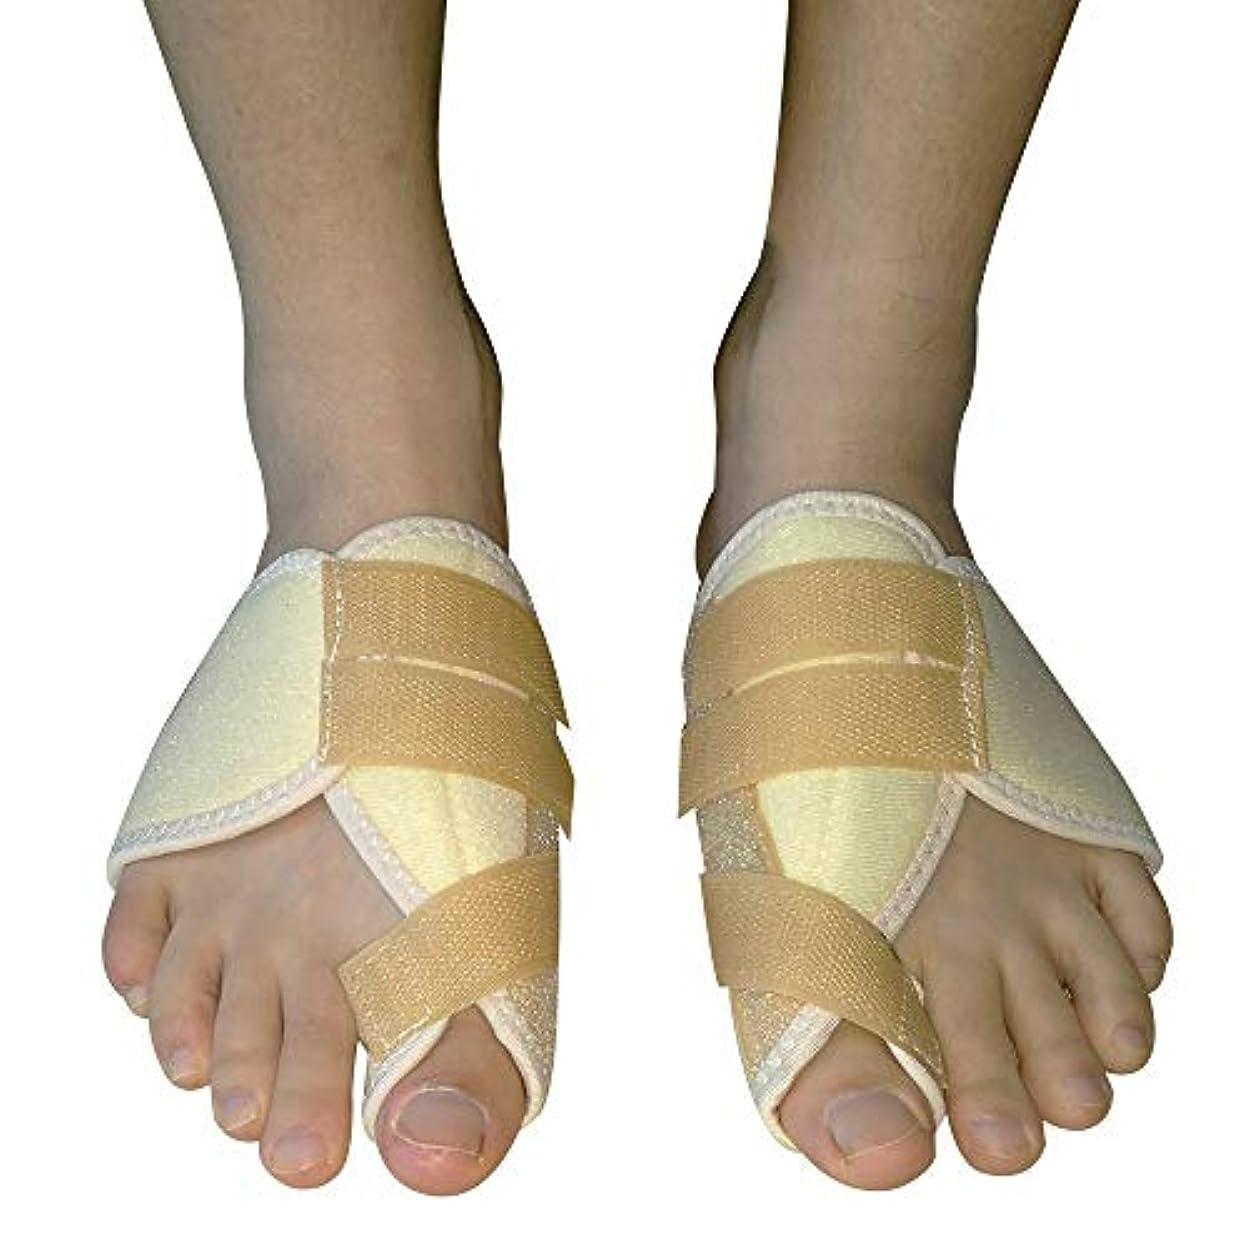 自分の力ですべてをする本土そのバニオンコレクターおよびバニオンリリーフ整形外科用ビッグトゥストレートナーは、外反母趾を治療し、予防する(ワンサイズ)